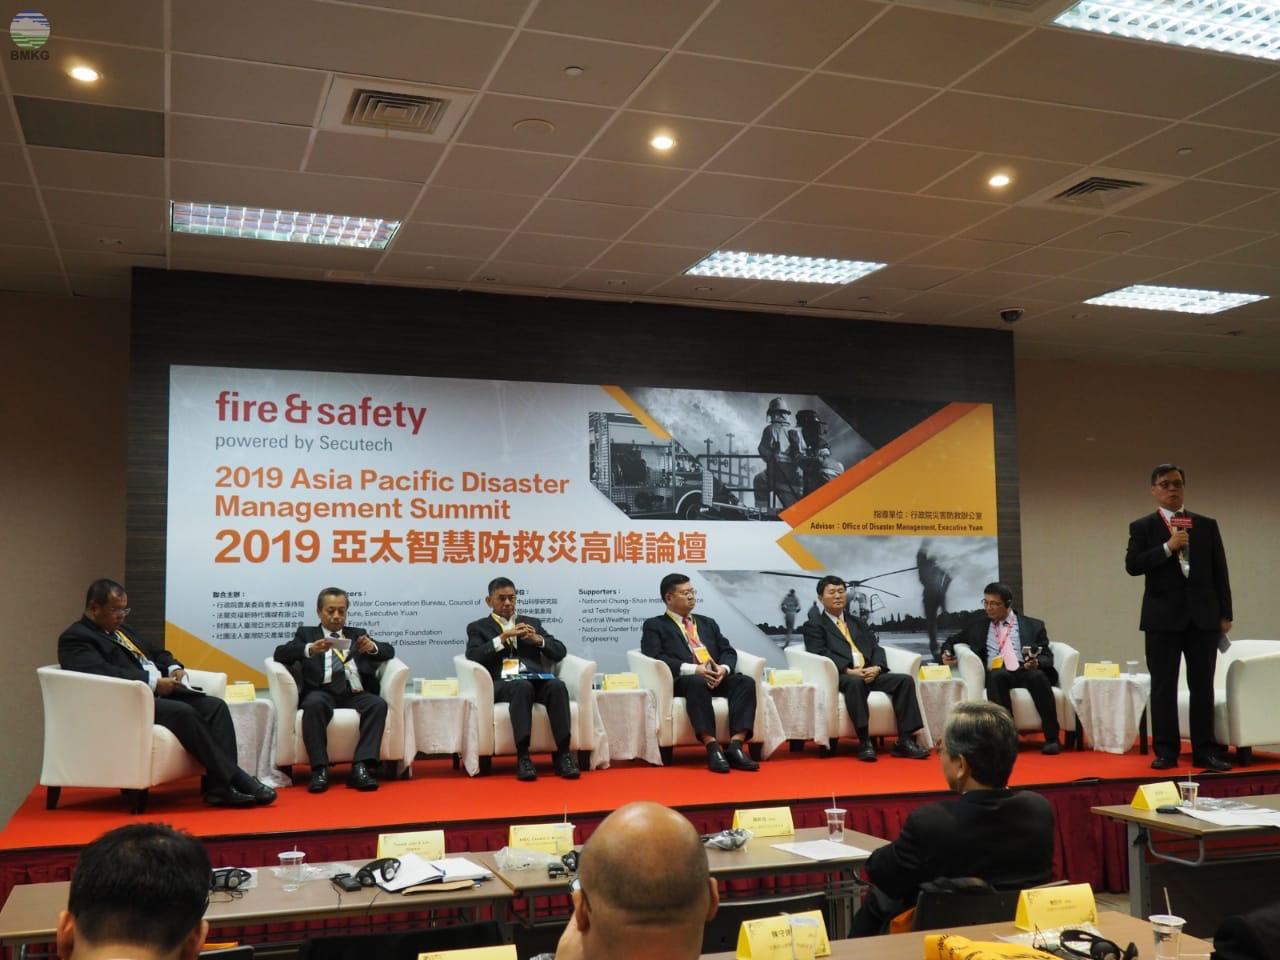 2019 Asia-Pacific Smart Disaster Management Summit, Manajemen Pencegahan Bencana yang Lebih Cerdas dan Efisien